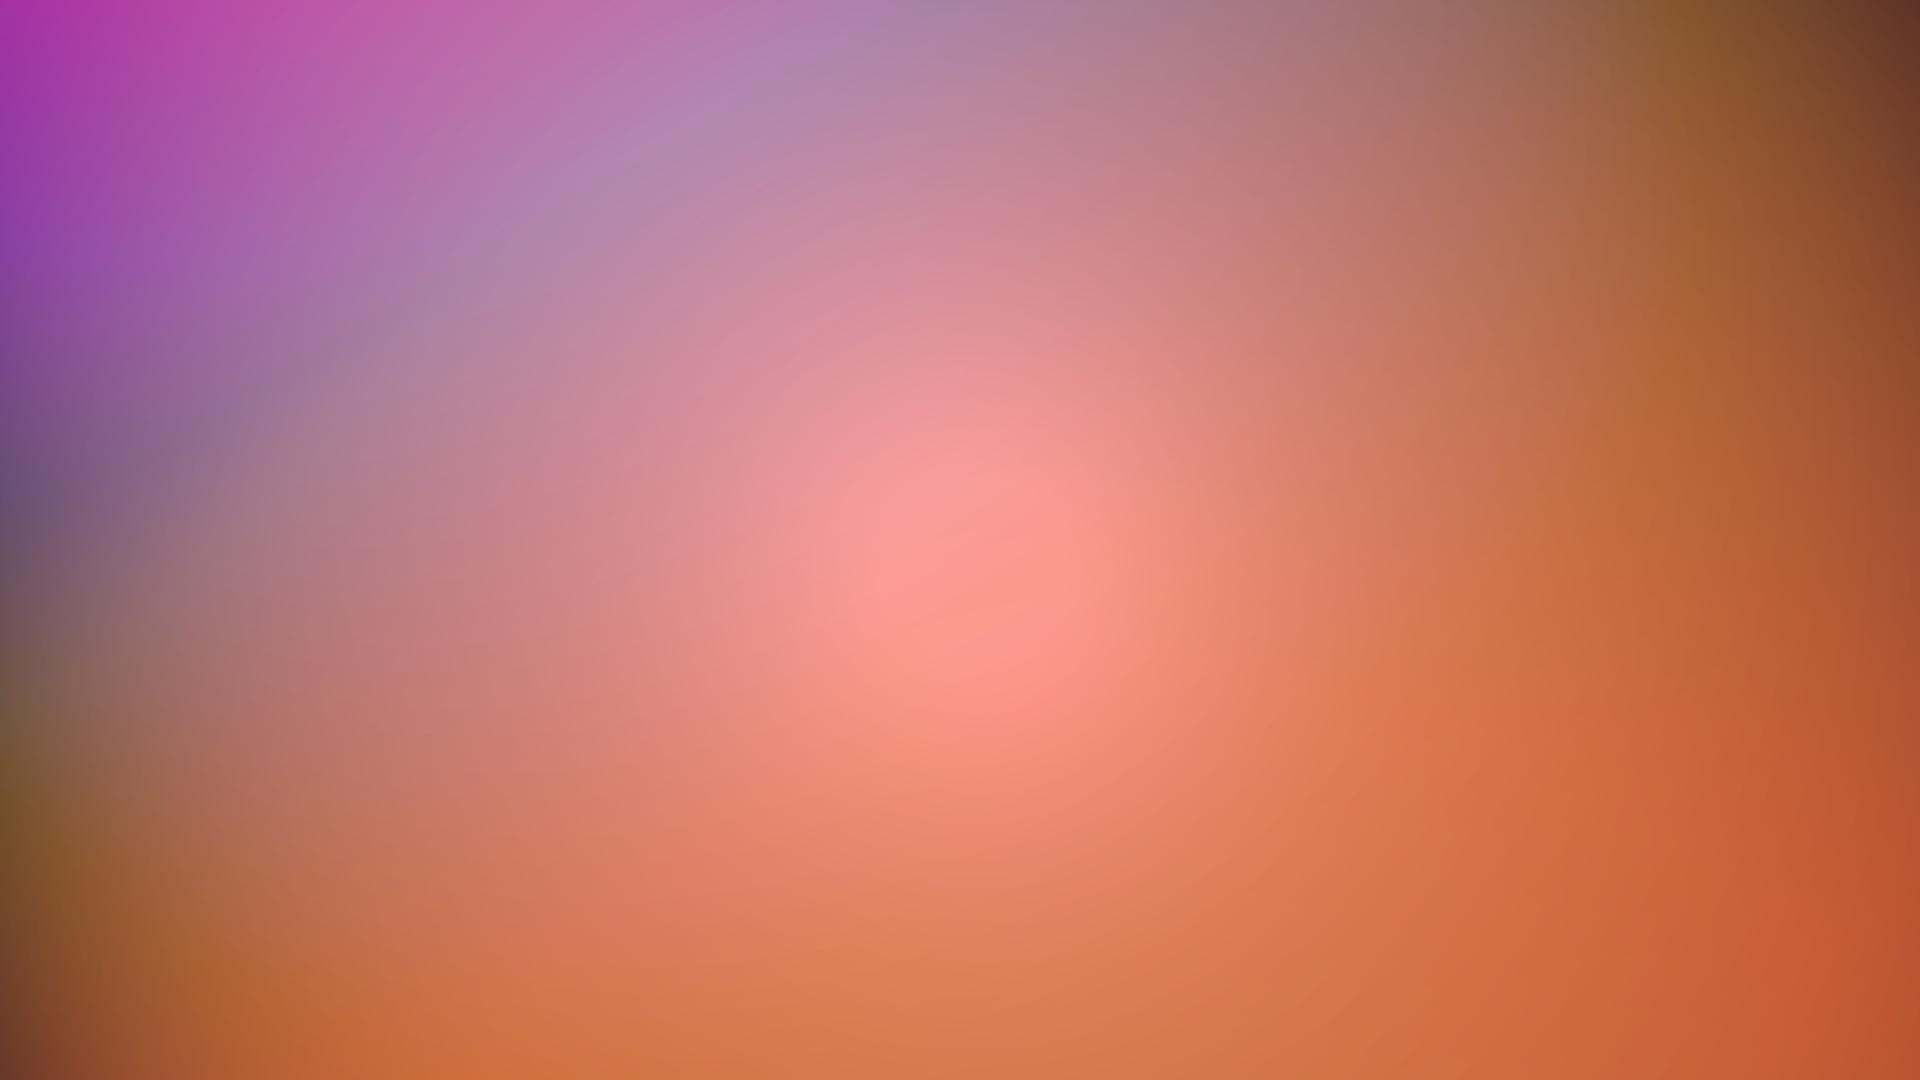 minimalistic gradient 1920x1080 wallpaper wallpaper pinterest